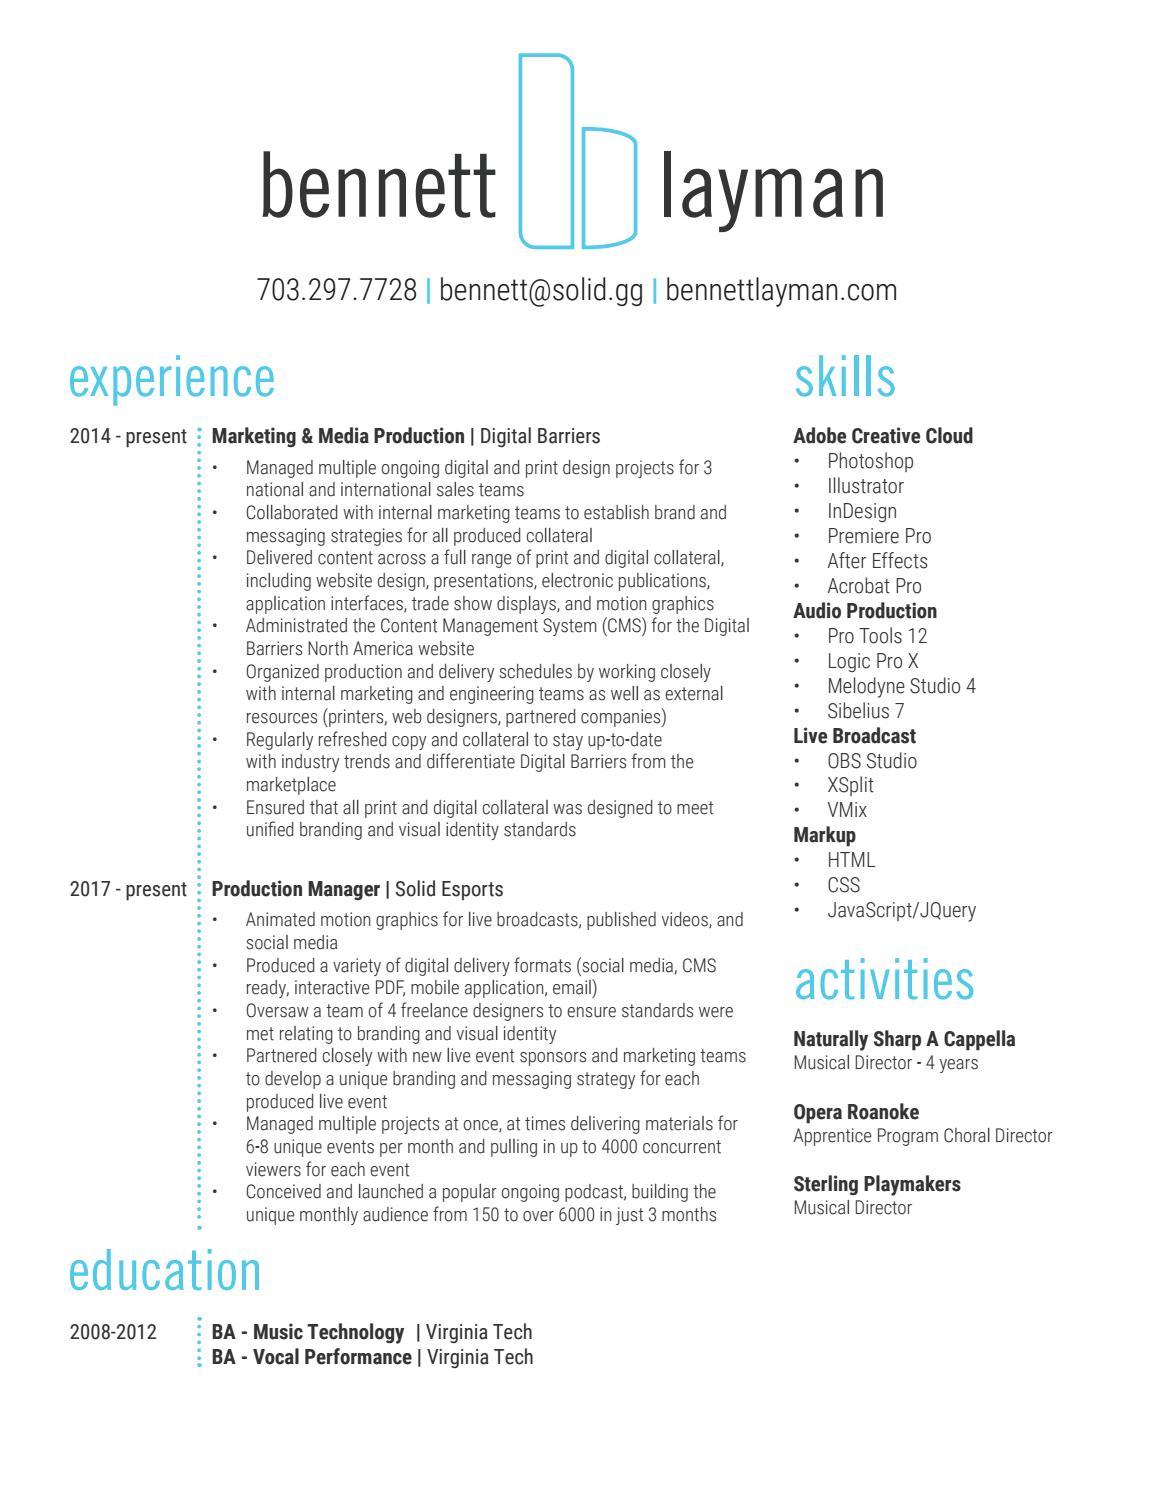 Bennett Layman Resume by blayman - issuu